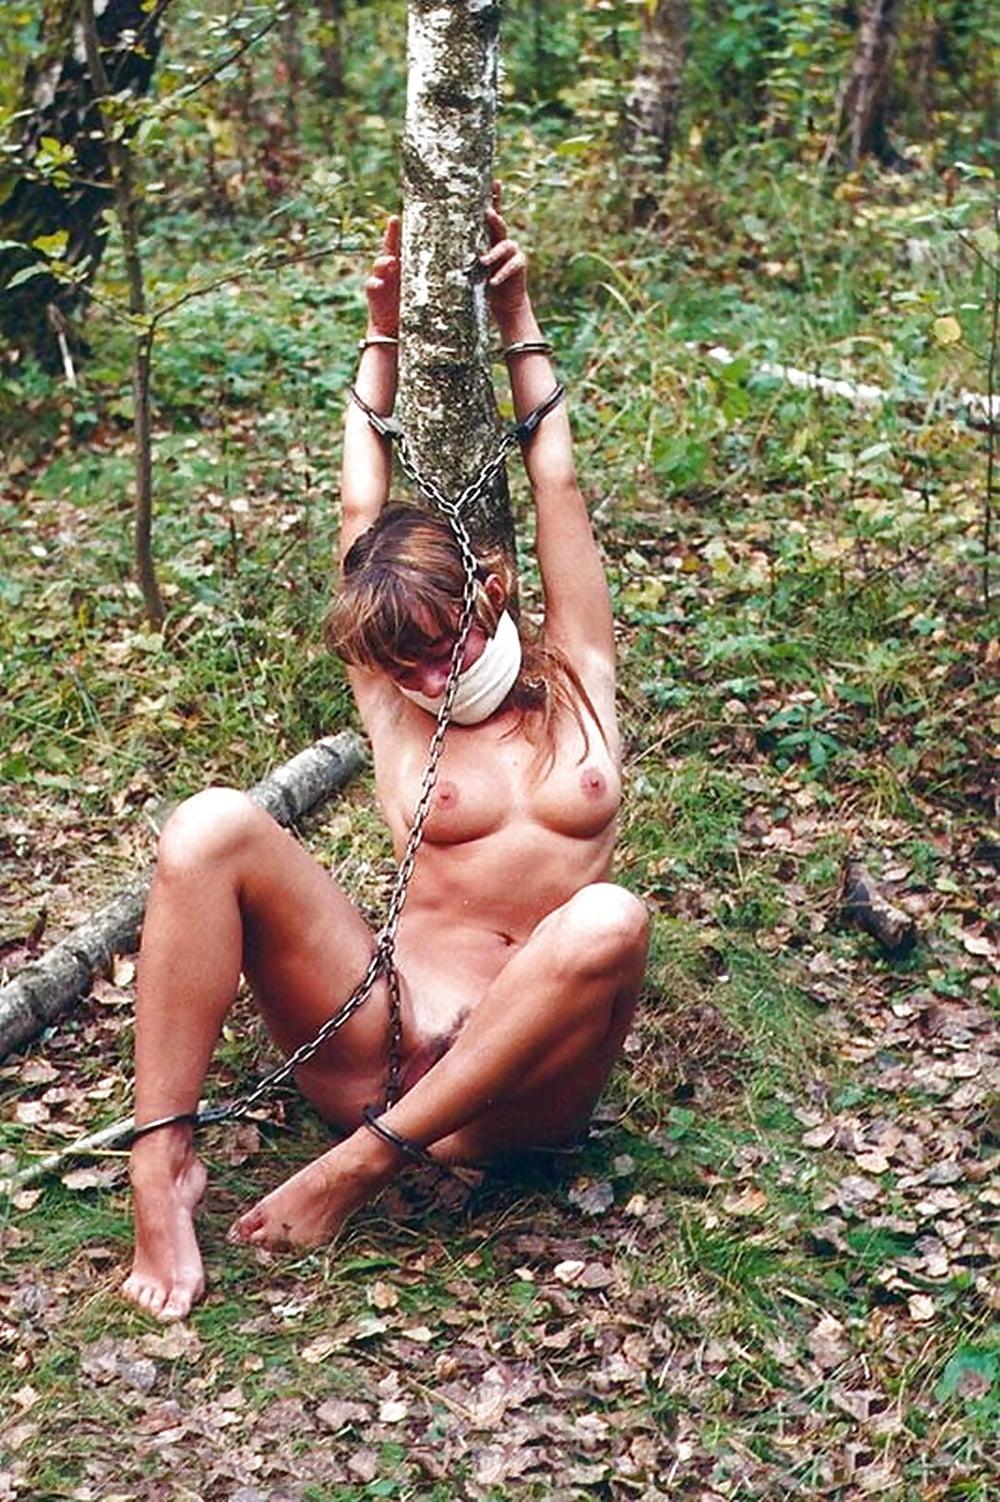 Guy Naked Outdoor Bondage